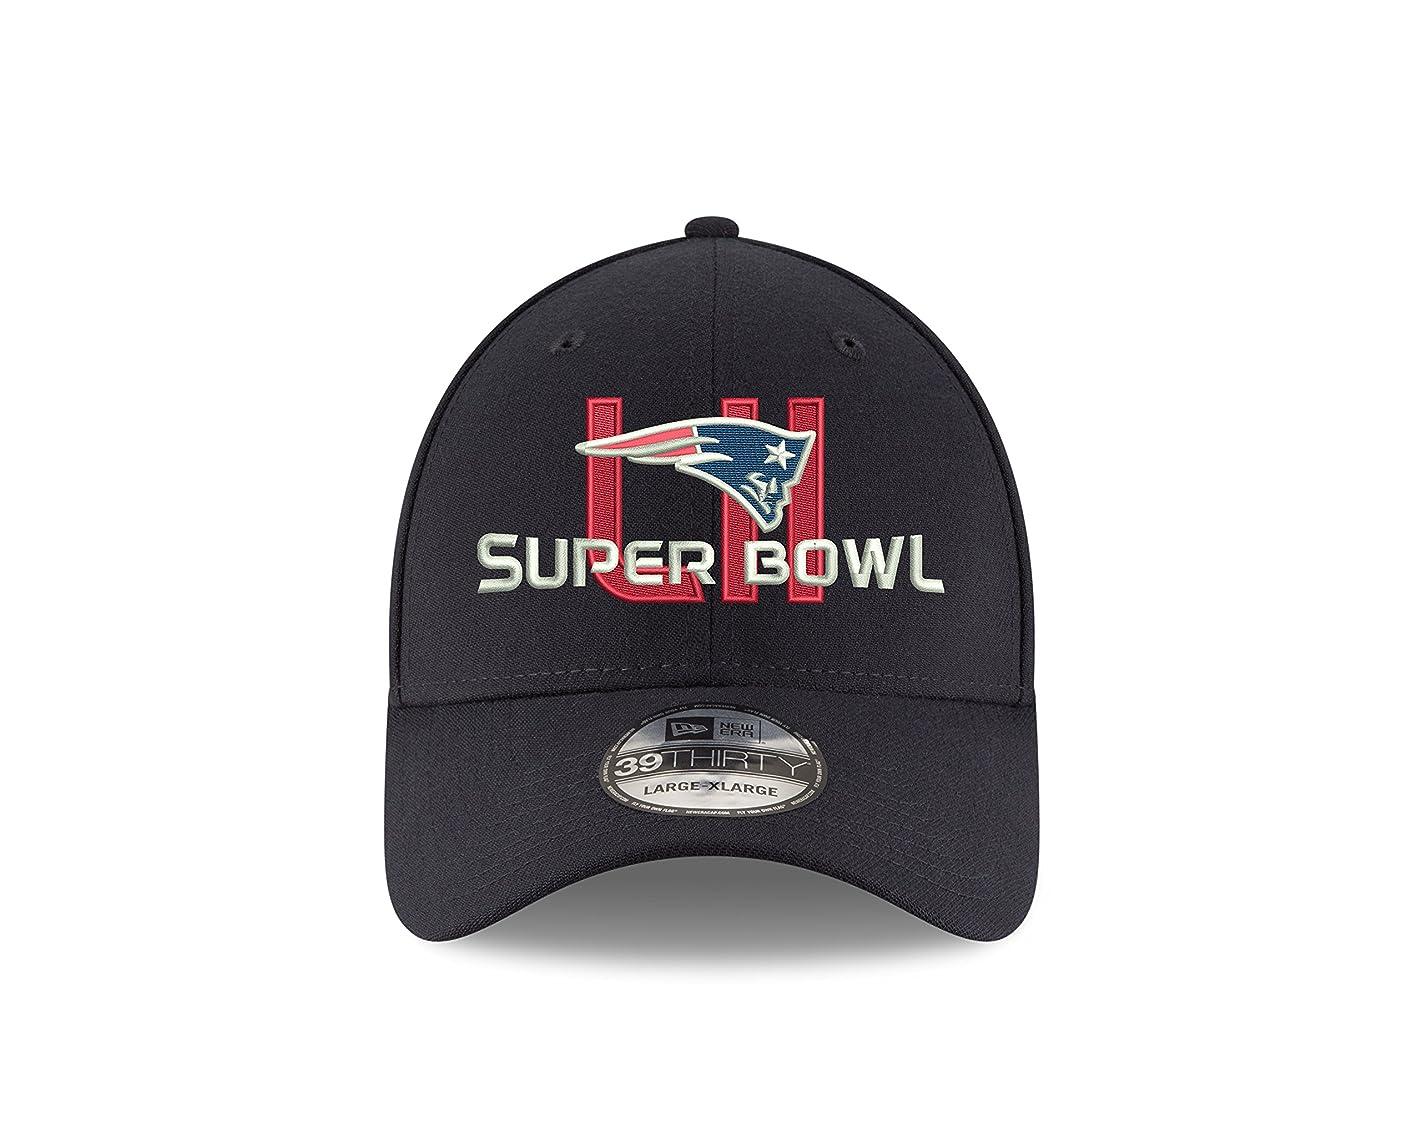 New England Patriots New Era Super Bowl LII 39thirty Flex Fit Hat